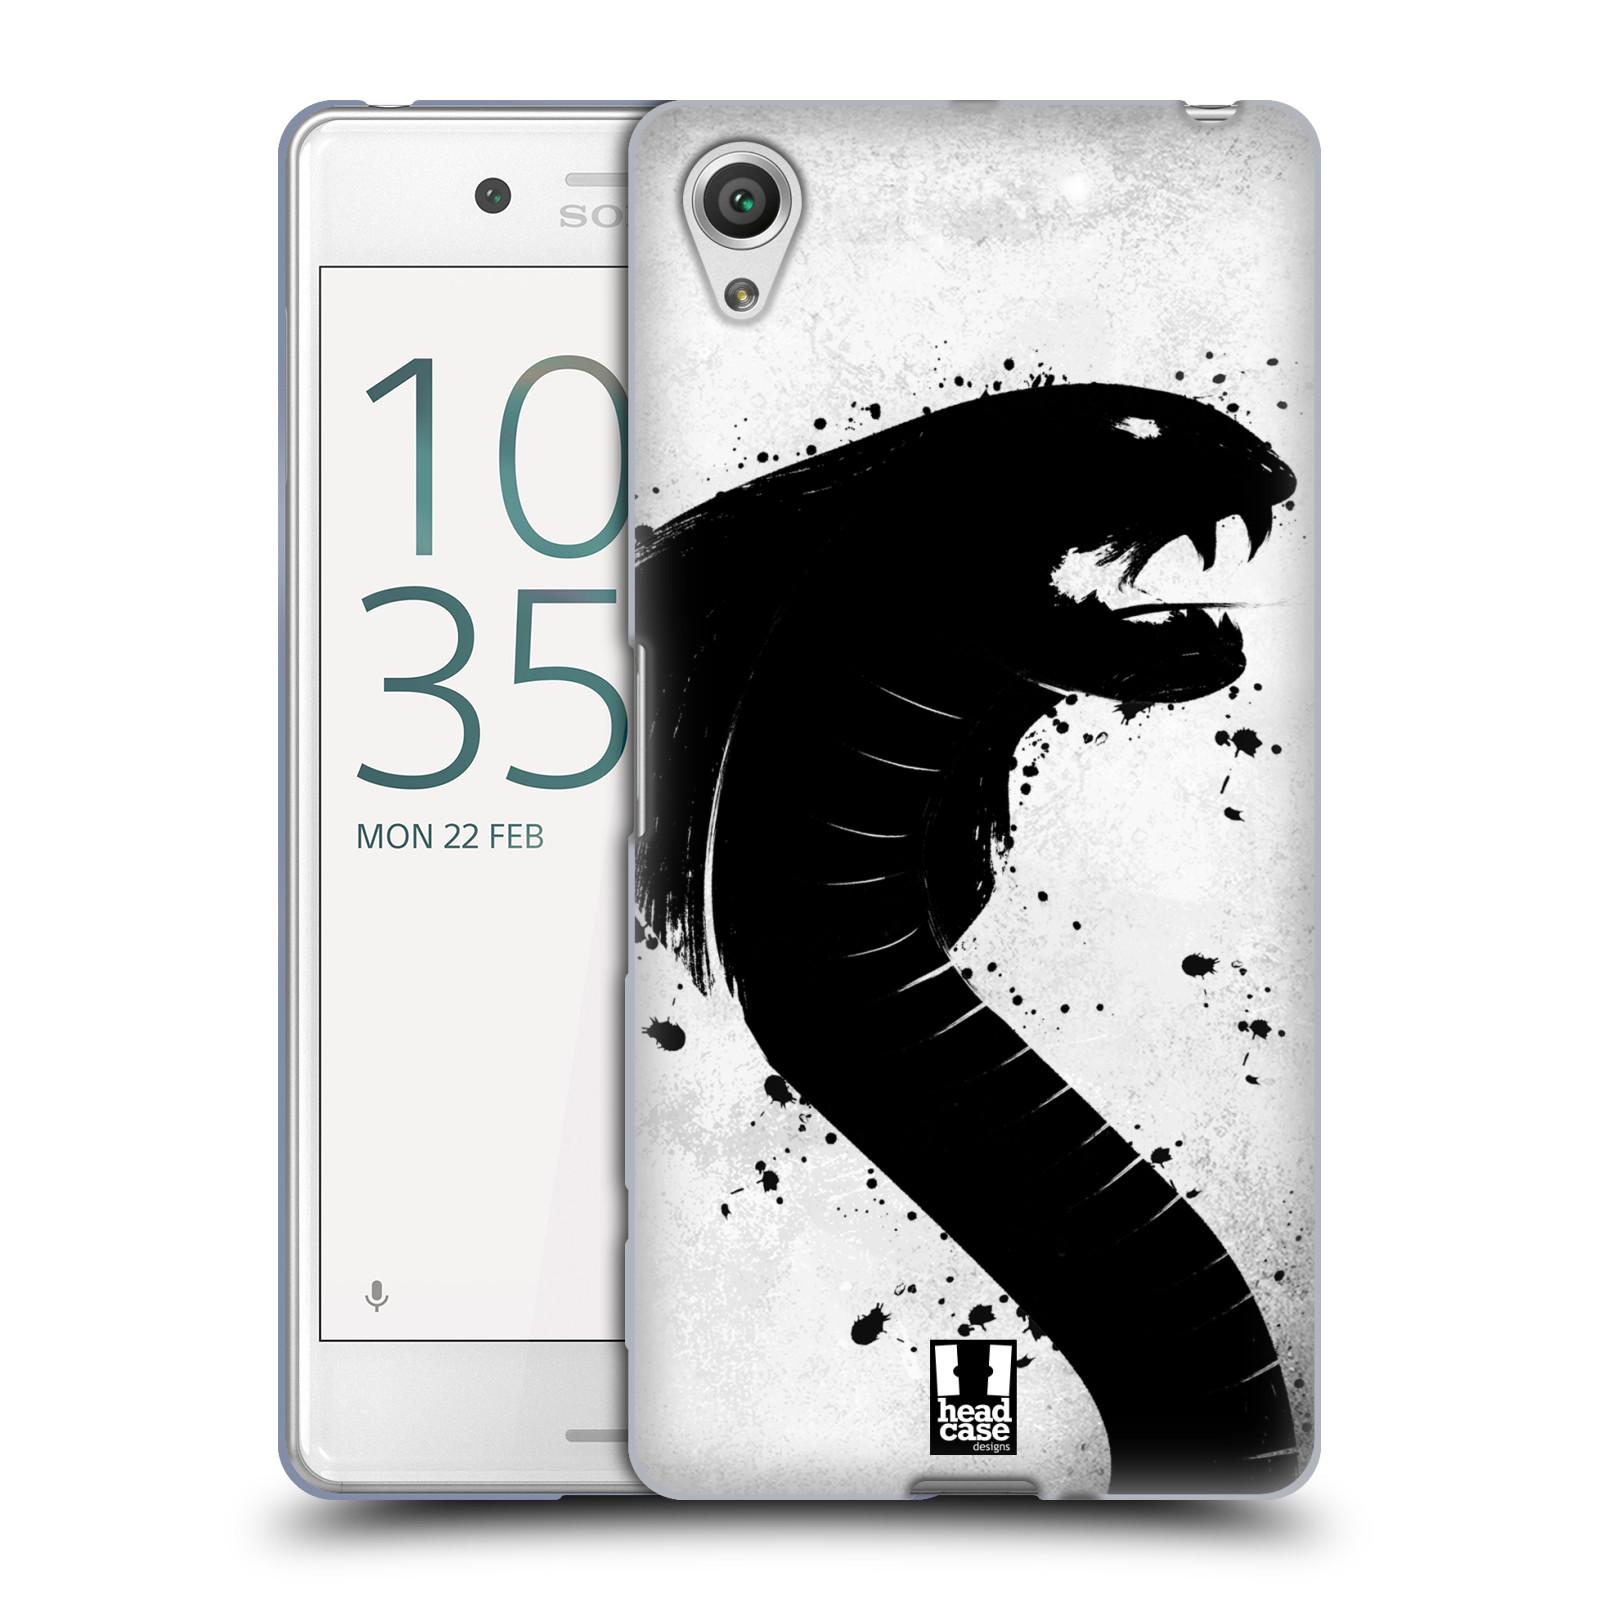 HEAD CASE silikonový obal na mobil Sony Xperia X PERFORMANCE (F8131, F8132) vzor Kresba tuš zvíře had kobra